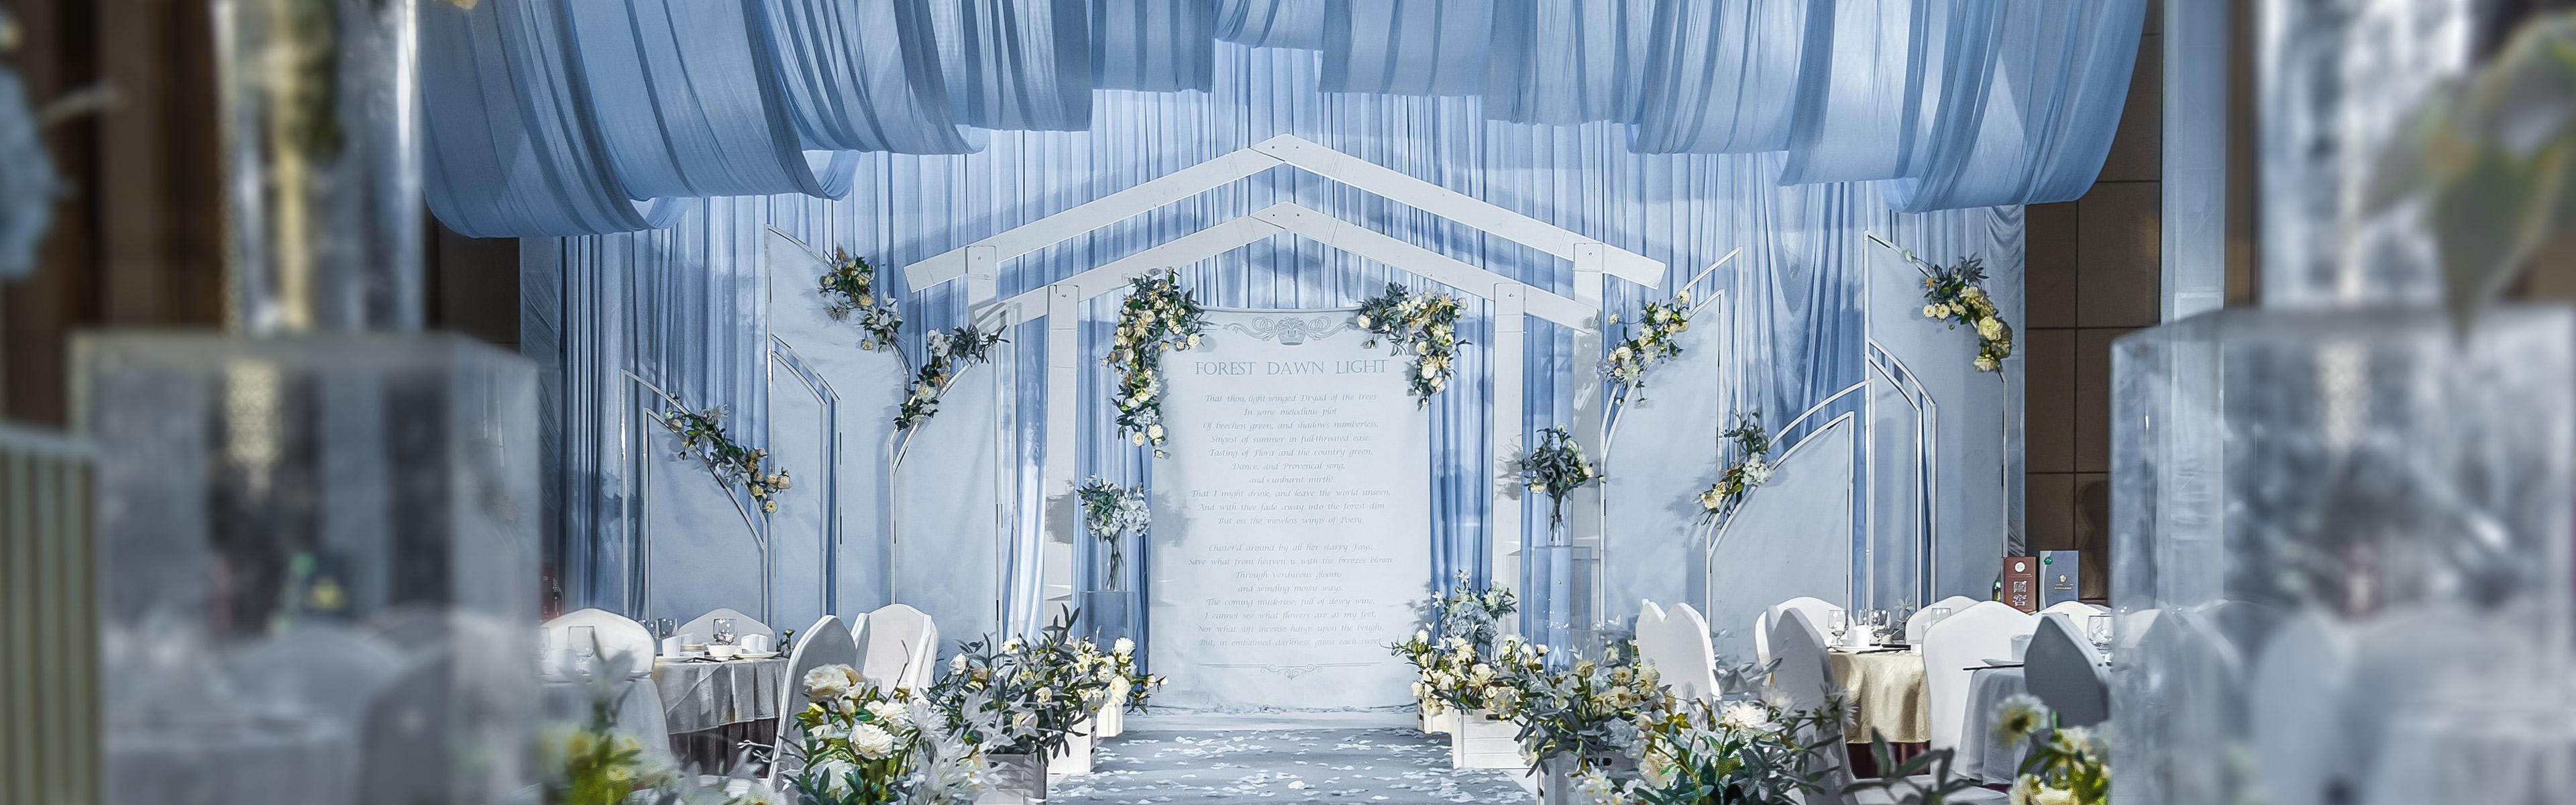 长沙婚庆策划案例:最美婚礼 第9期 | 湖南 长沙